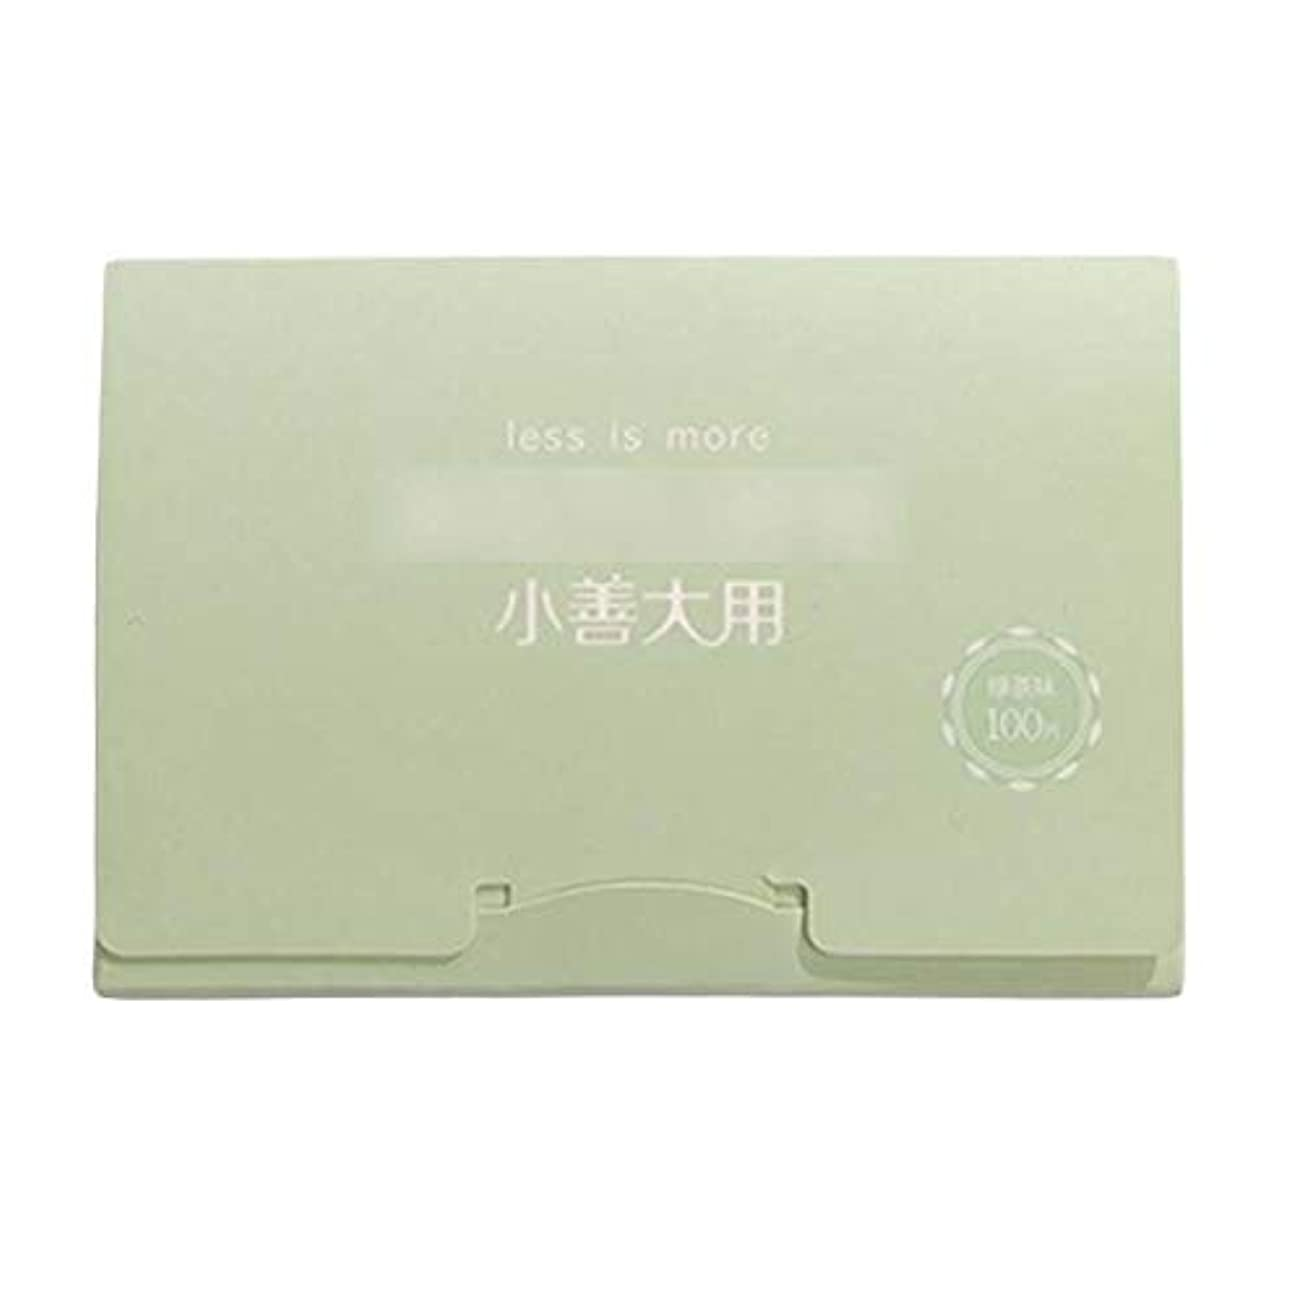 許容弾丸リーク緑茶夏顔用携帯用あぶらとりティッシュペーパー、300枚